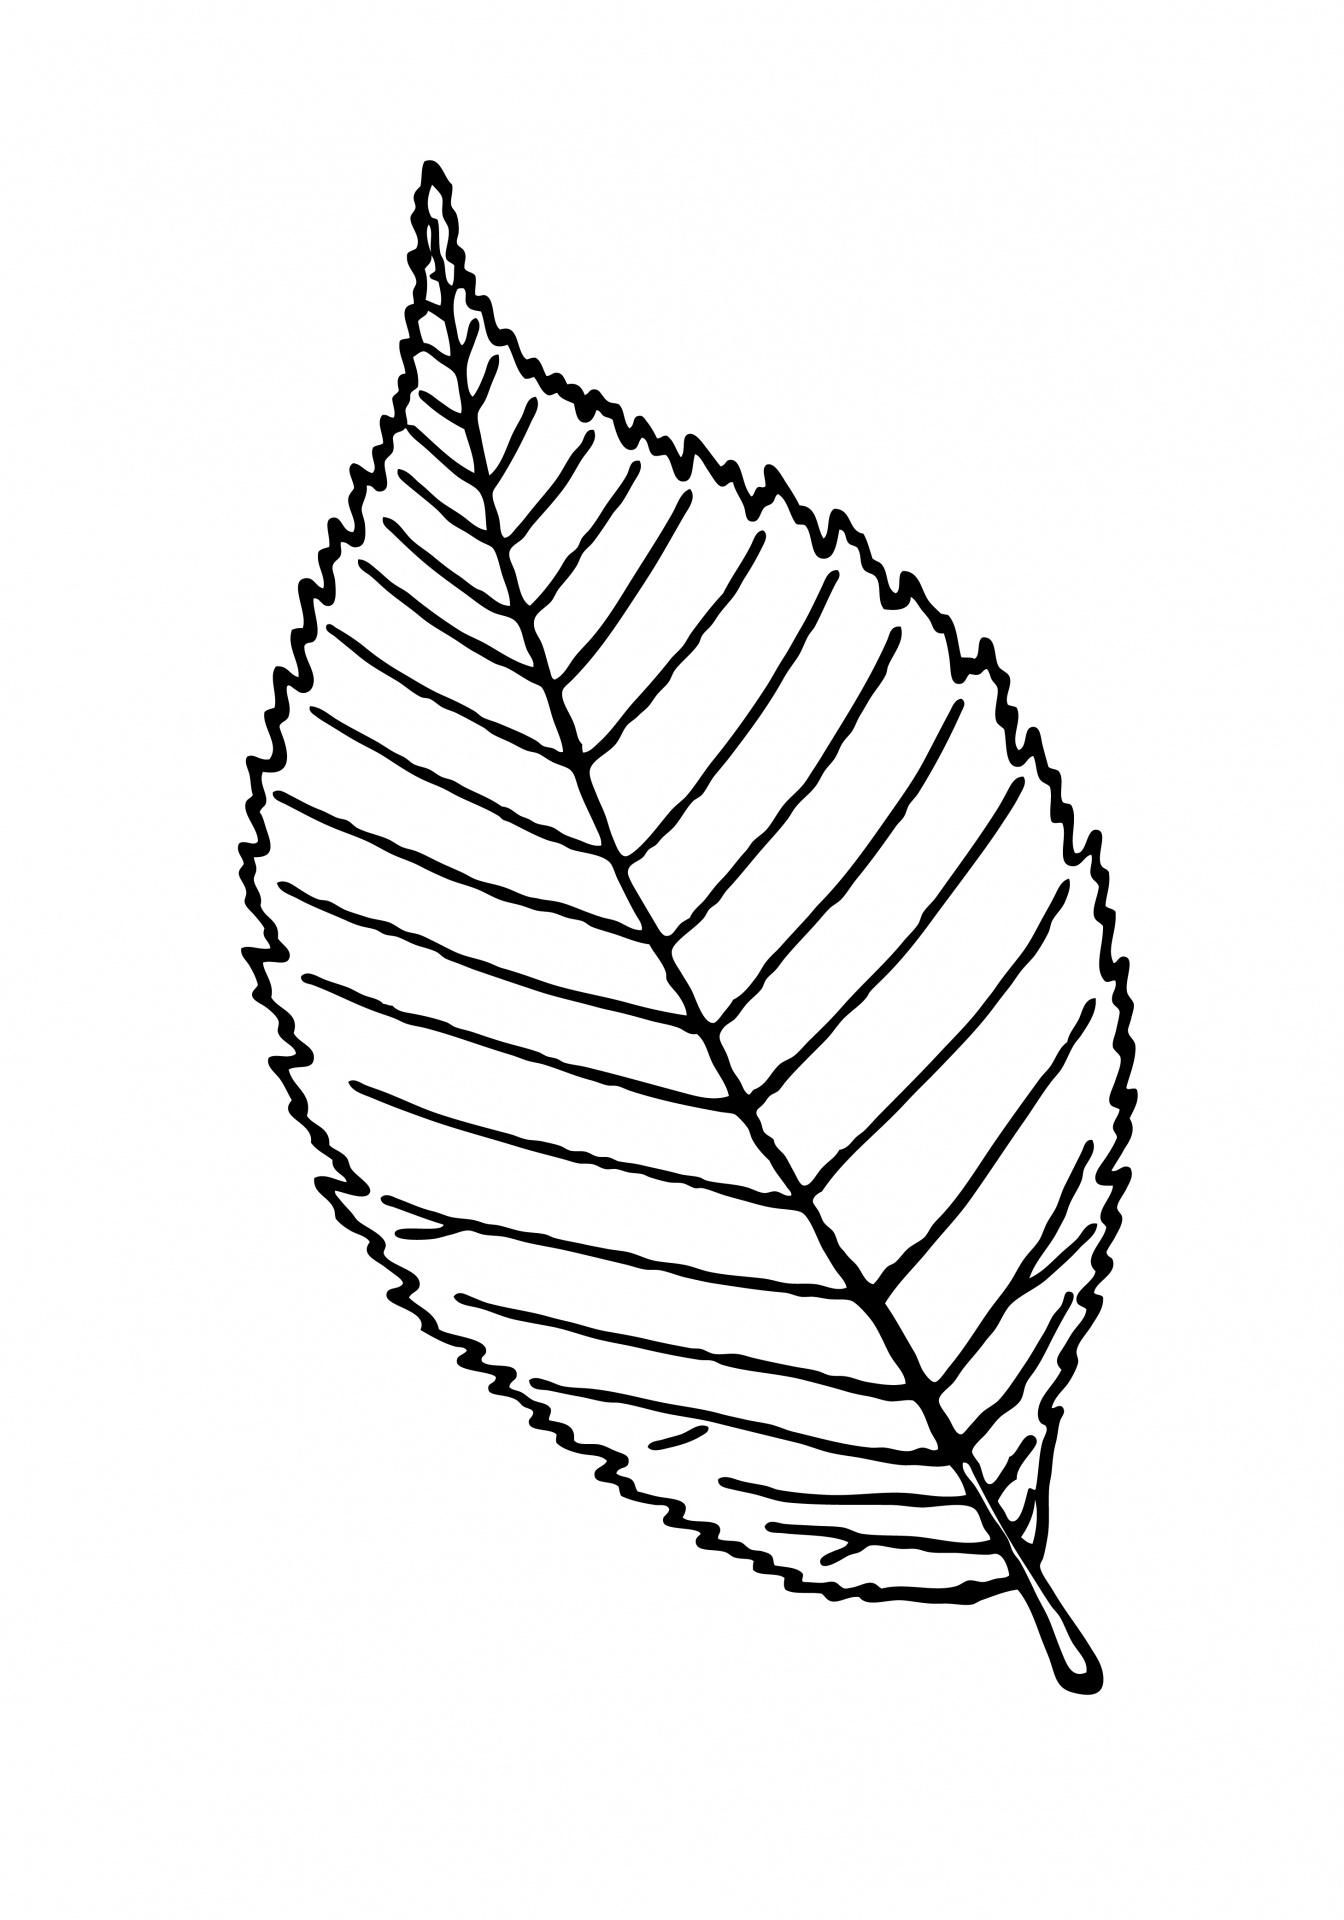 1344x1920 Leaf Outline Clipart Illustration Free